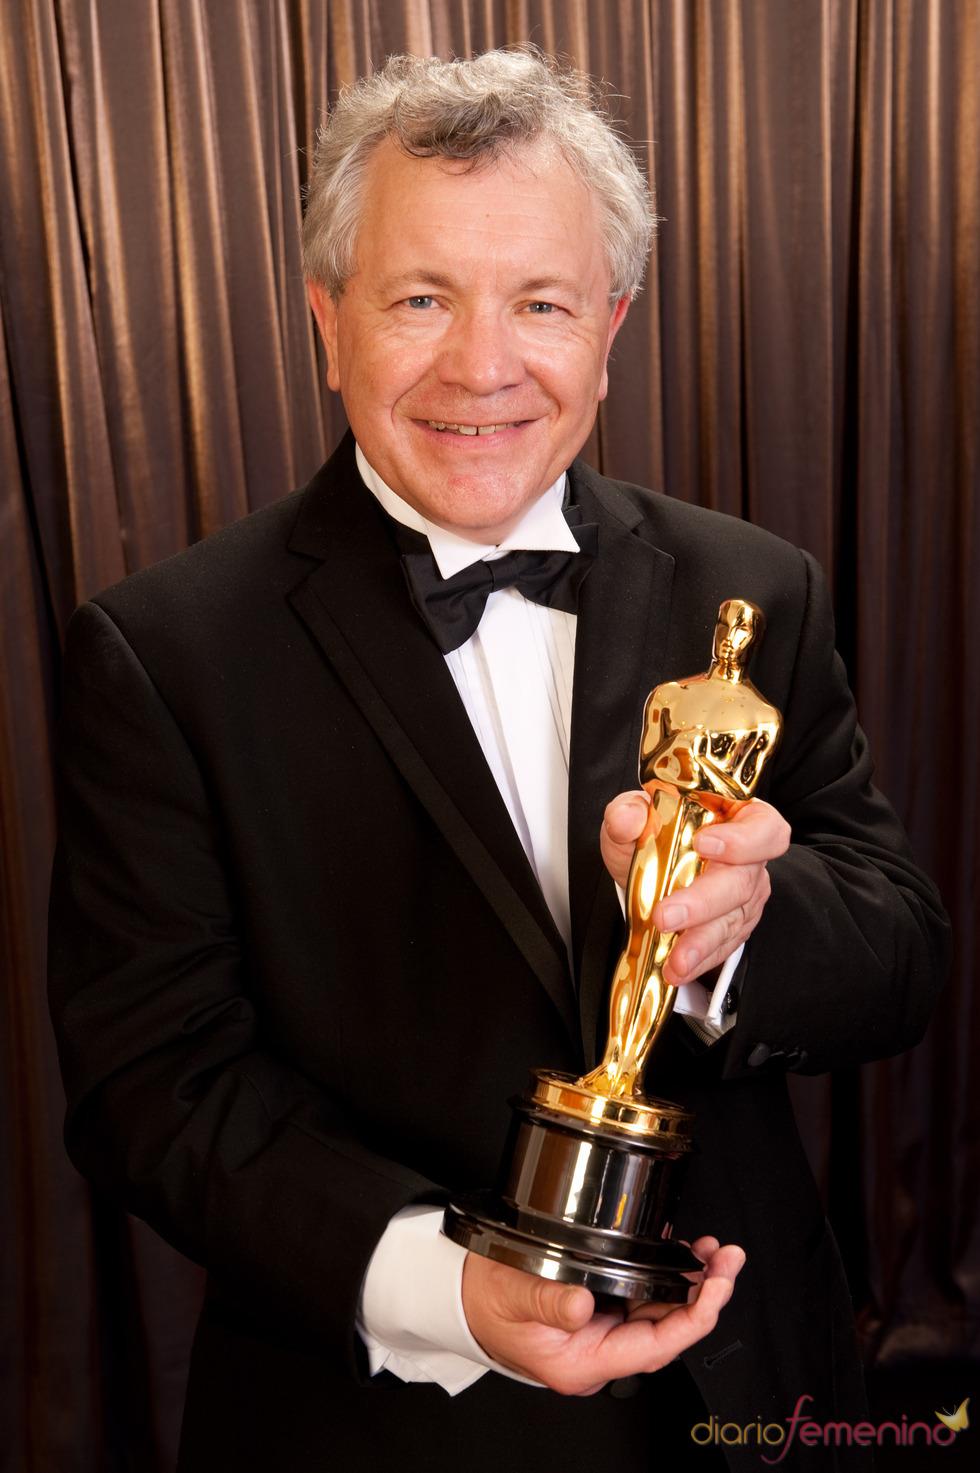 Oscar 2010 a la Mejor Mezcla de sonido